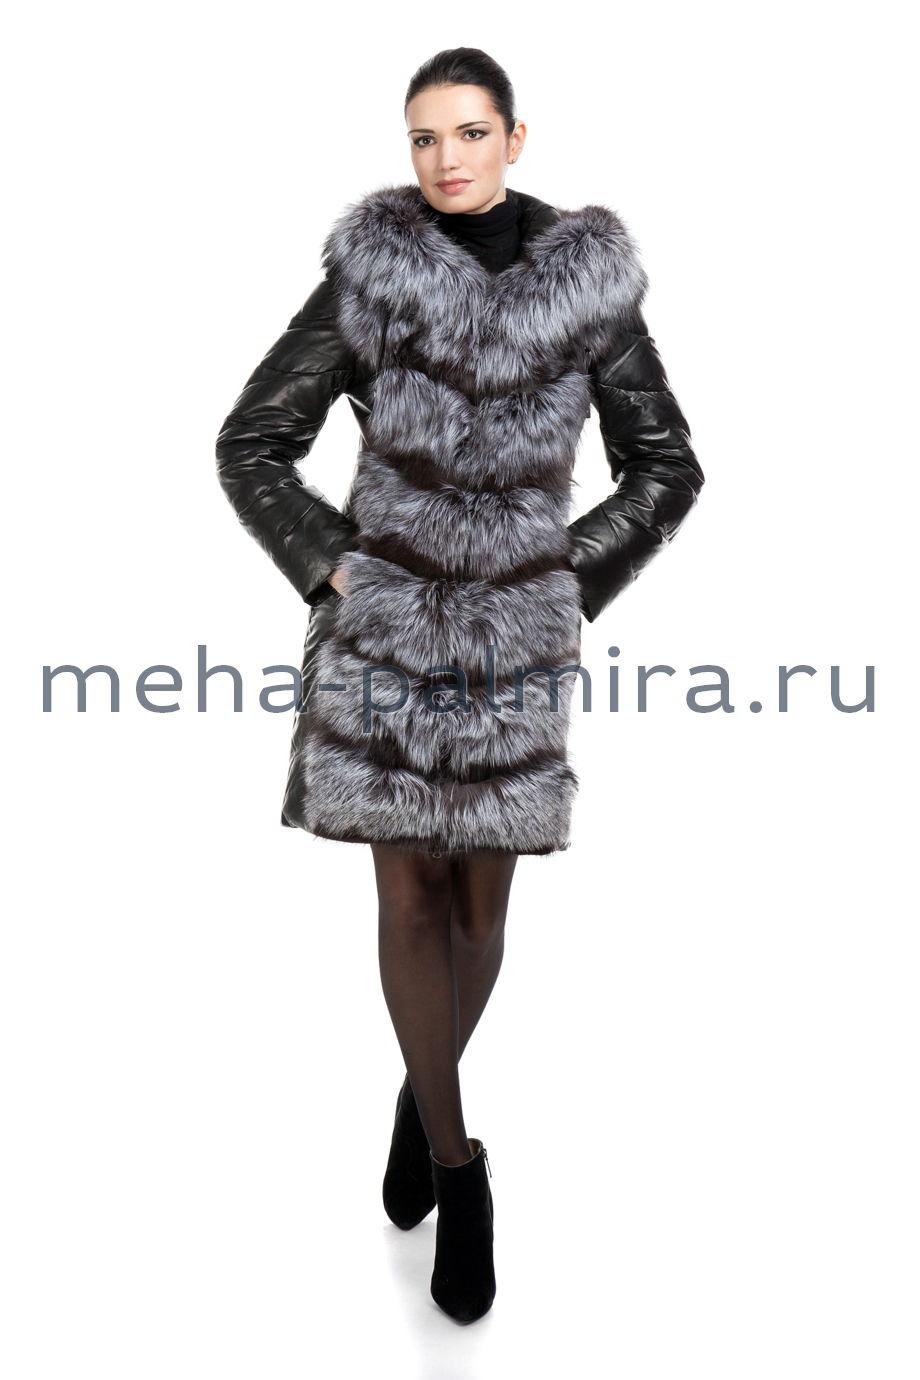 Пуховик из кожи и меха лисы чернобурки